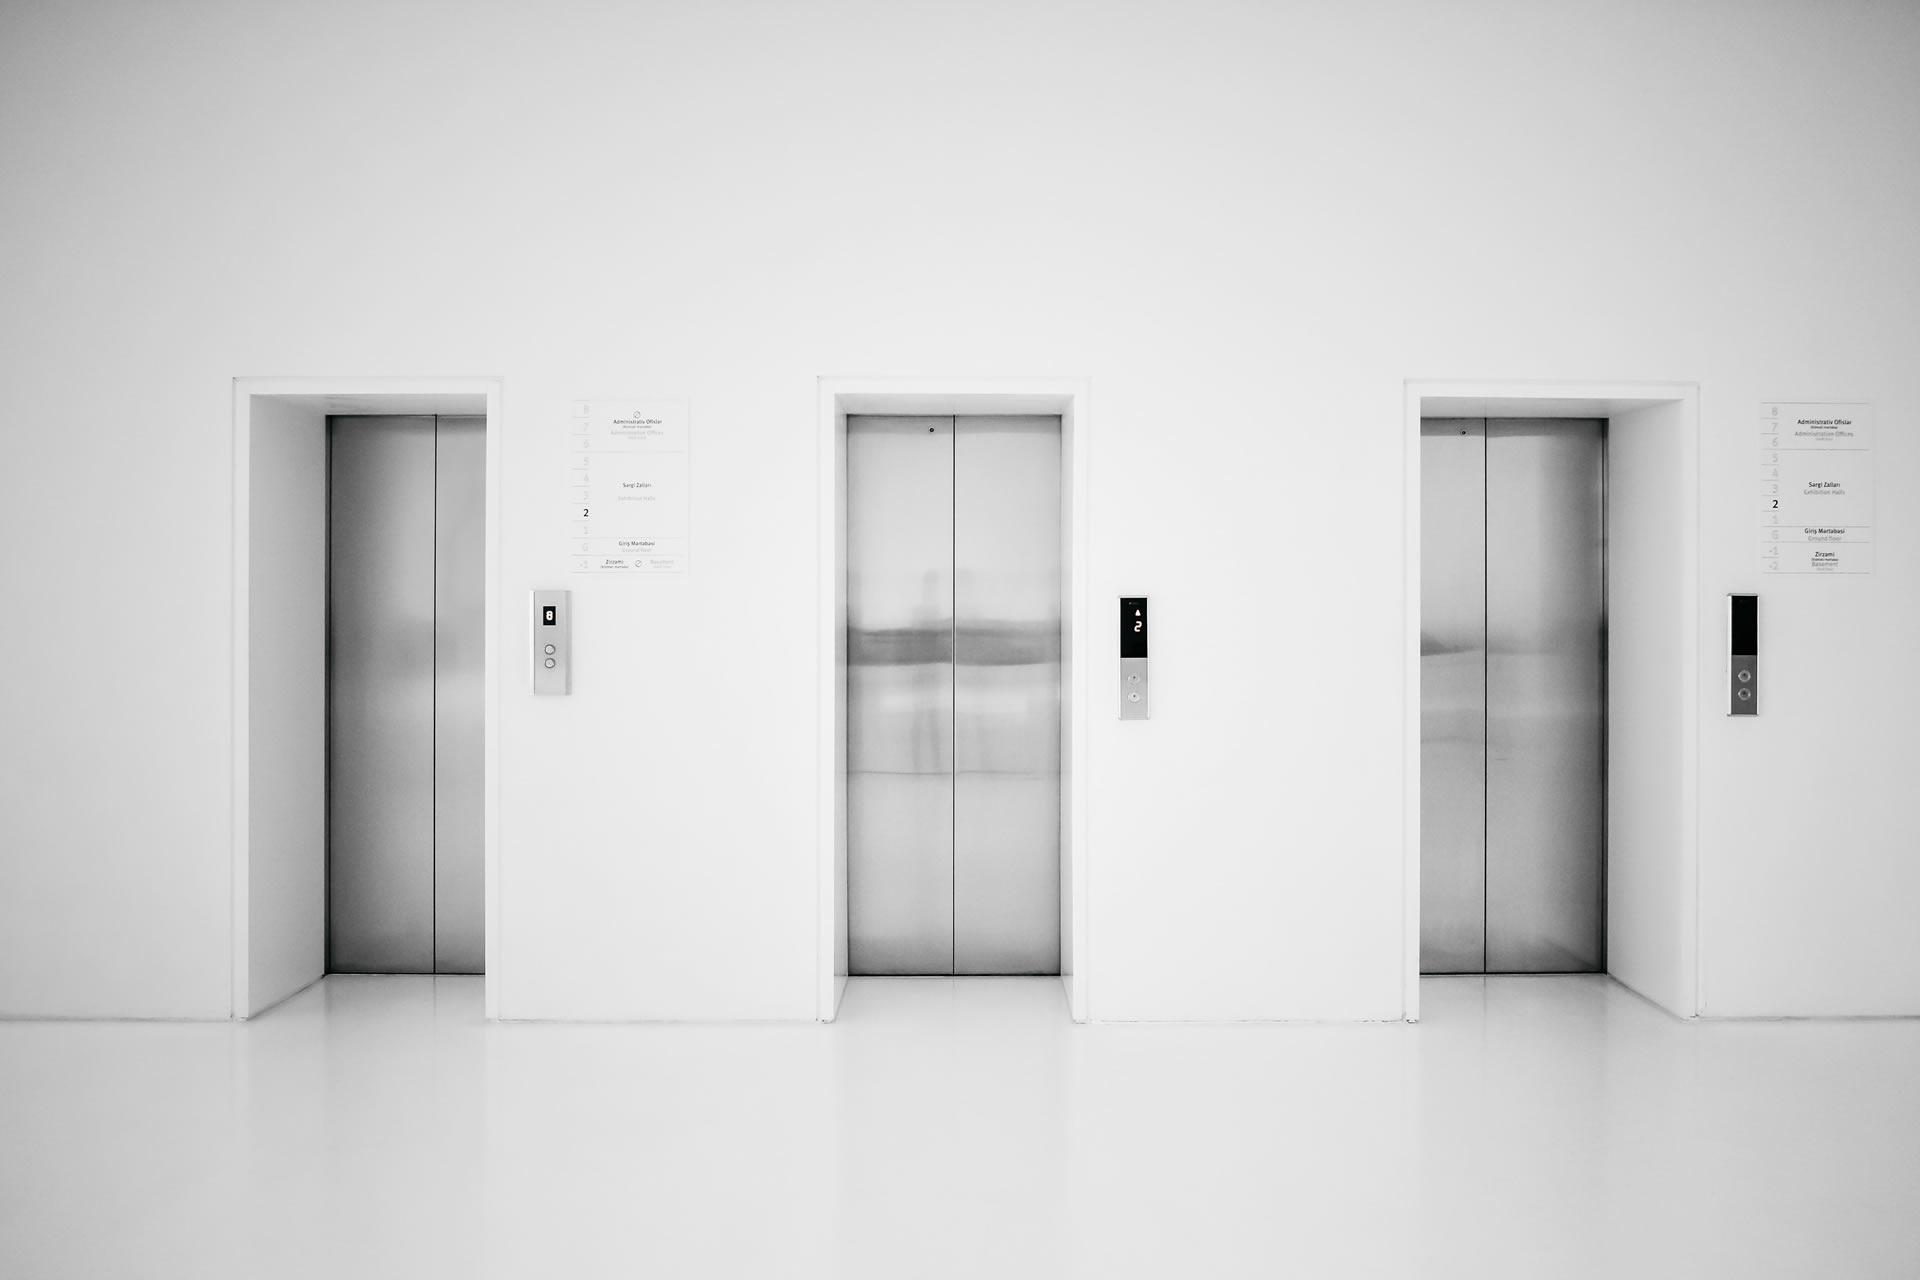 για τον κλάδο των Ανελκυστήρων